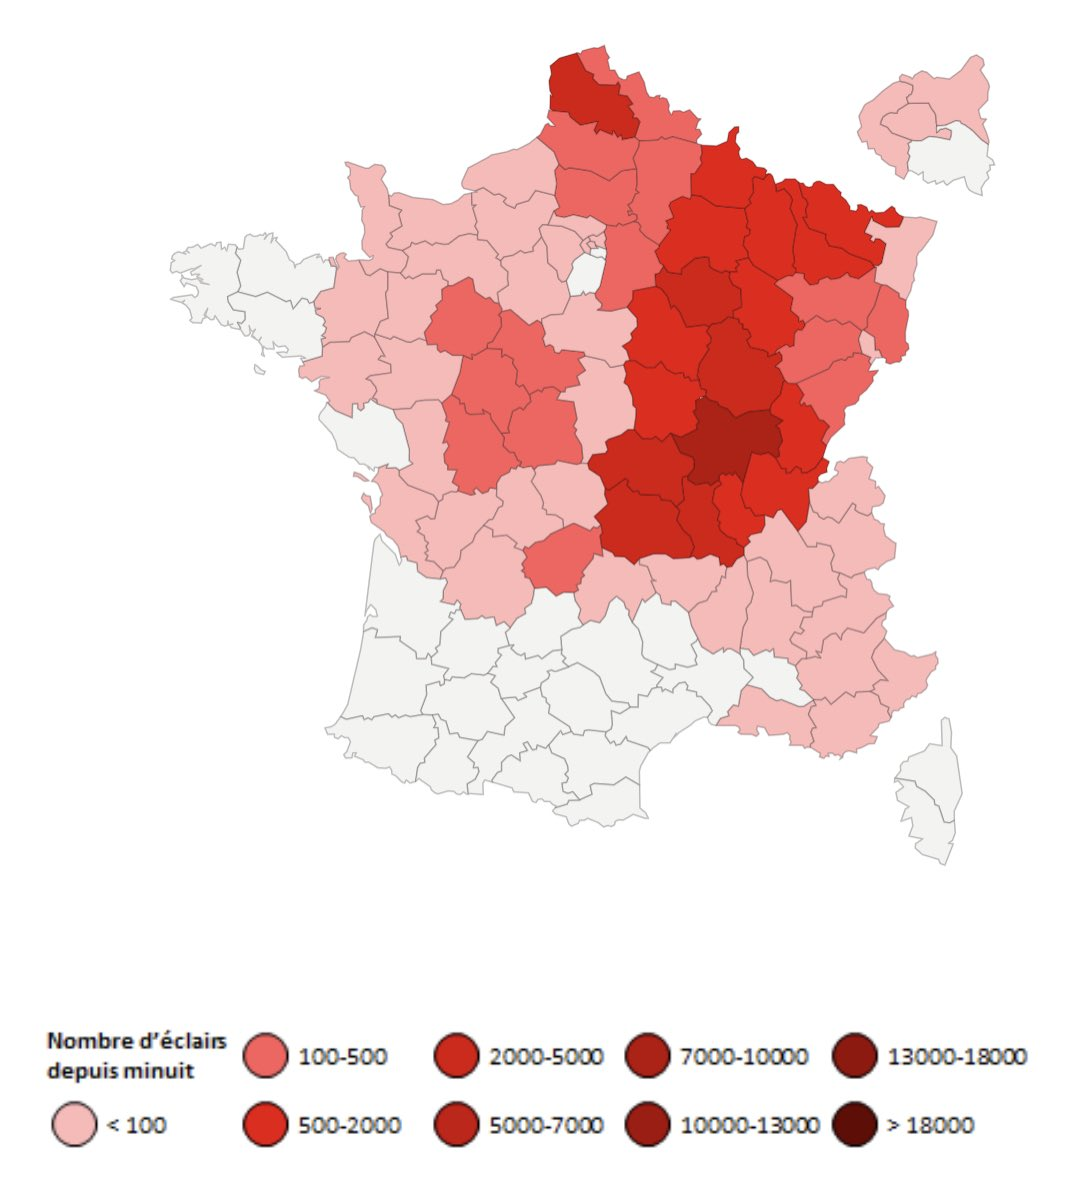 Cette journée du 24 juillet a été électriquement intense ! Plus de 45 000 #éclairs comptabilisés, principalement dans le grand quart nord-est de la #France. La Saône-et-Loire, la Côte-d'Or et le Puy-de-Dôme ont été les plus touchés. Stats ->